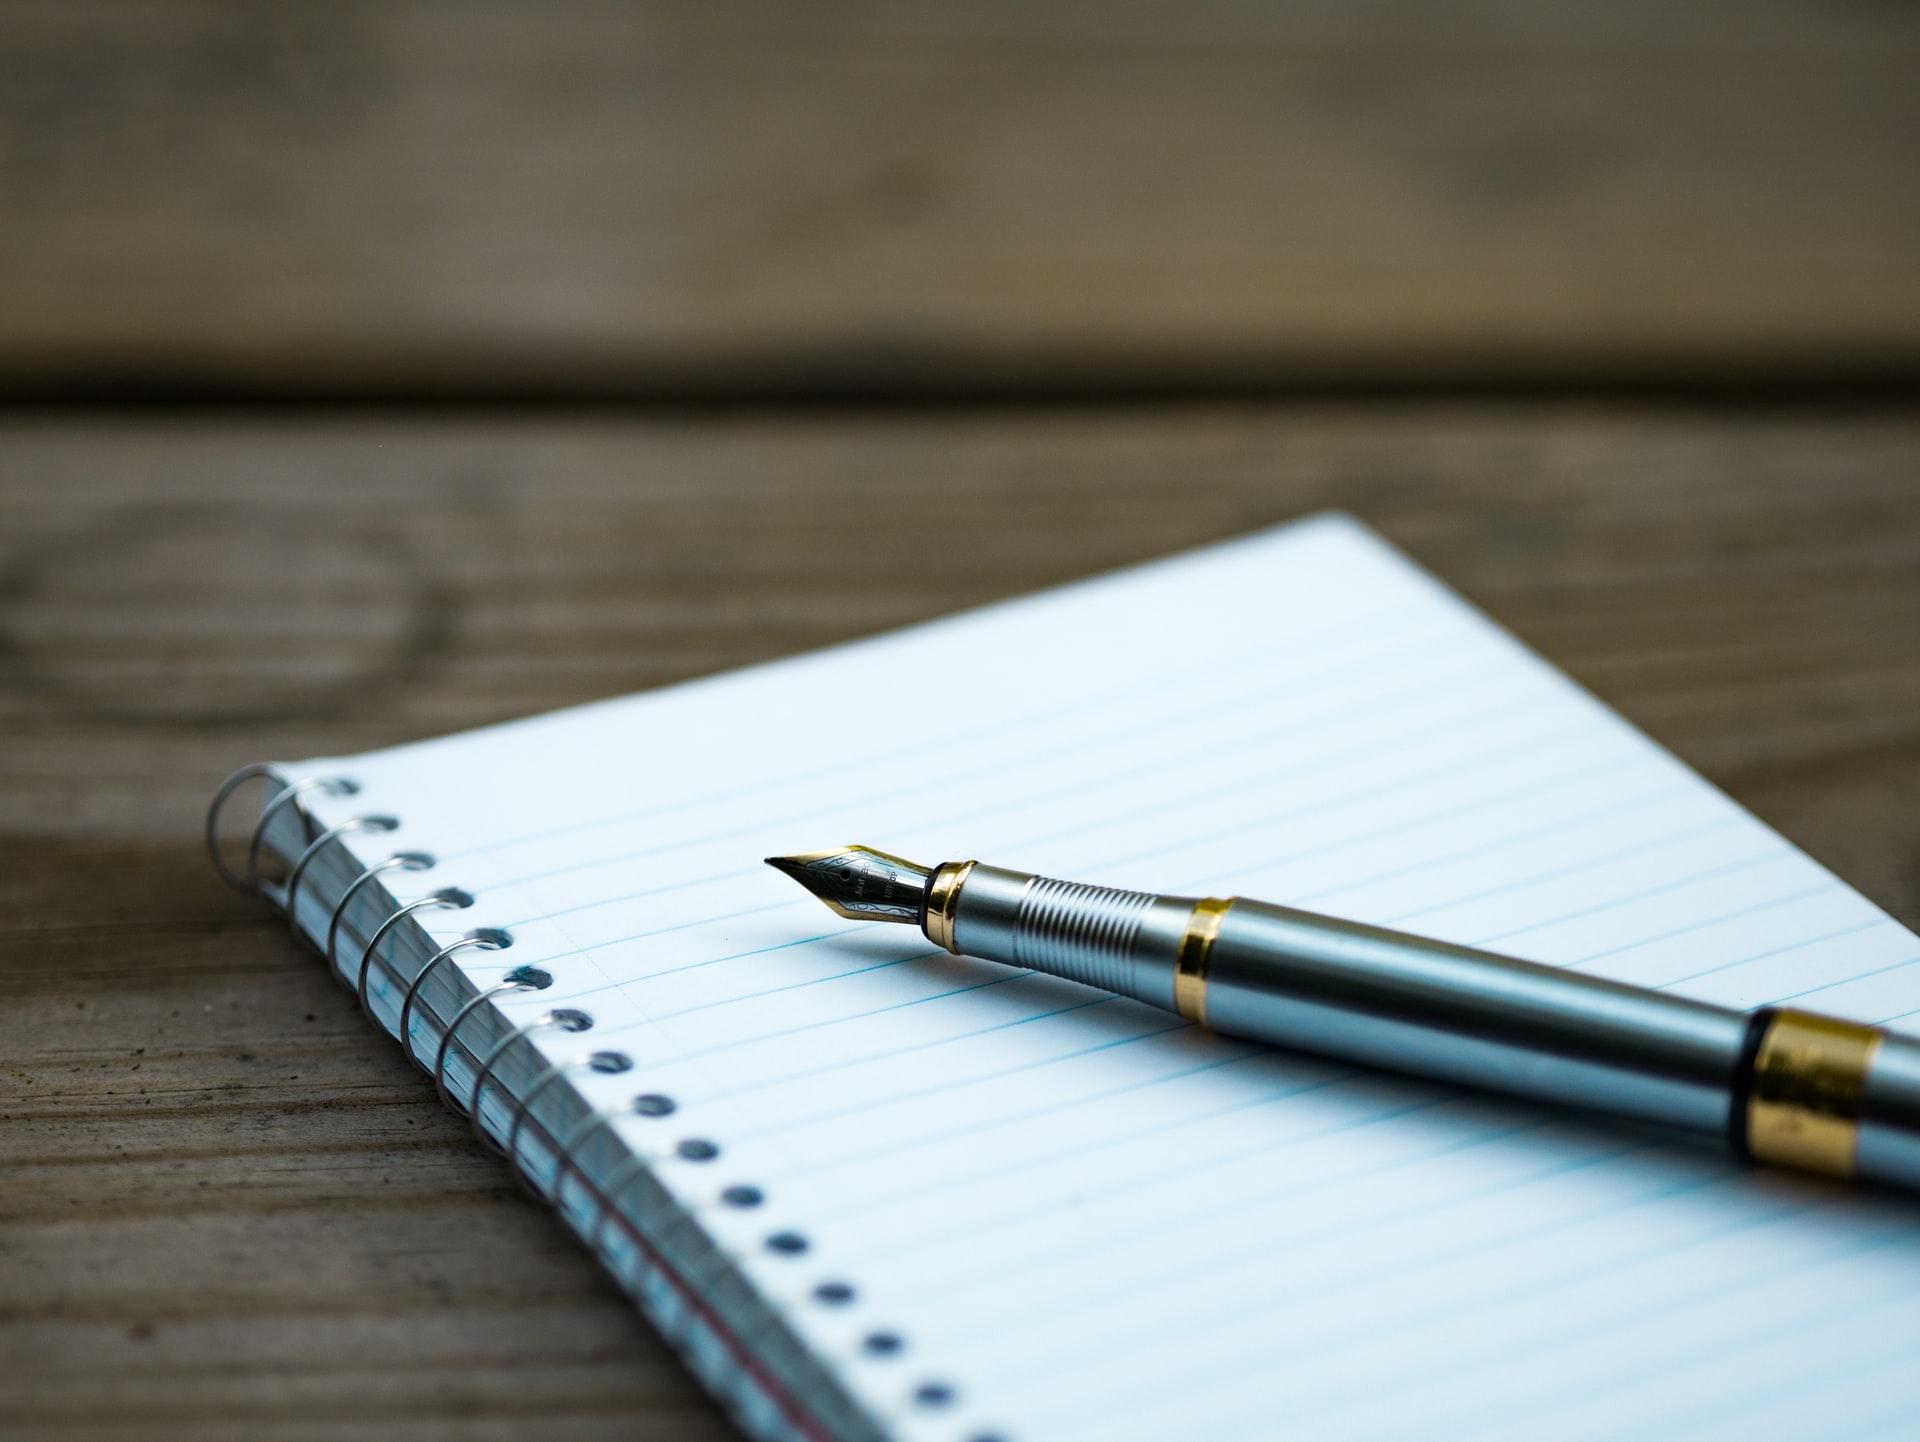 ノートとペンが机に置かれている。